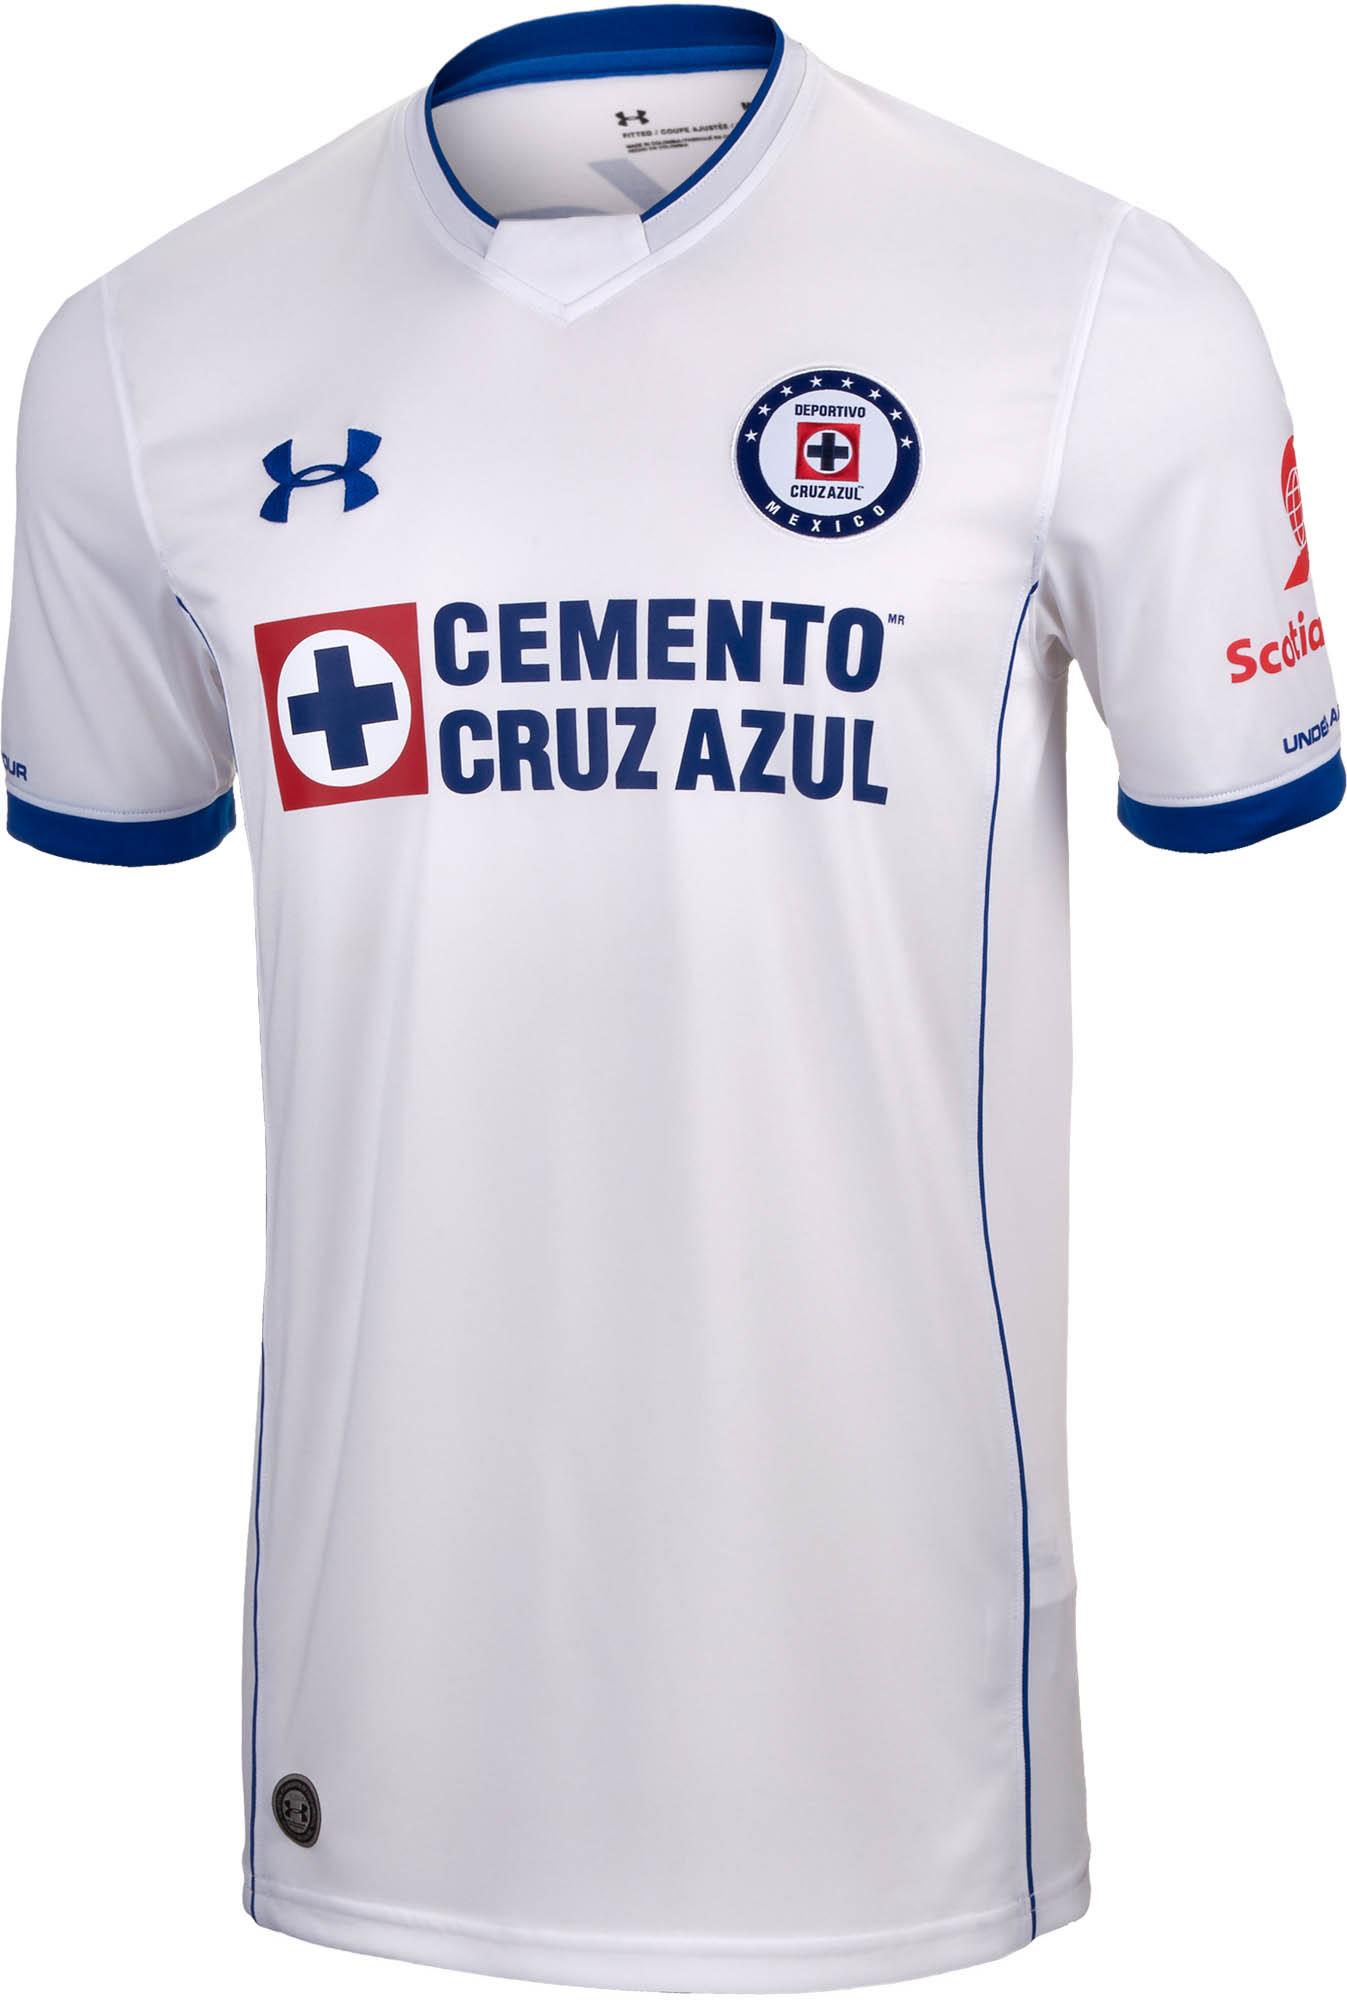 0016abd77c4 Under Armour Cruz Azul Away Jersey 2017-18